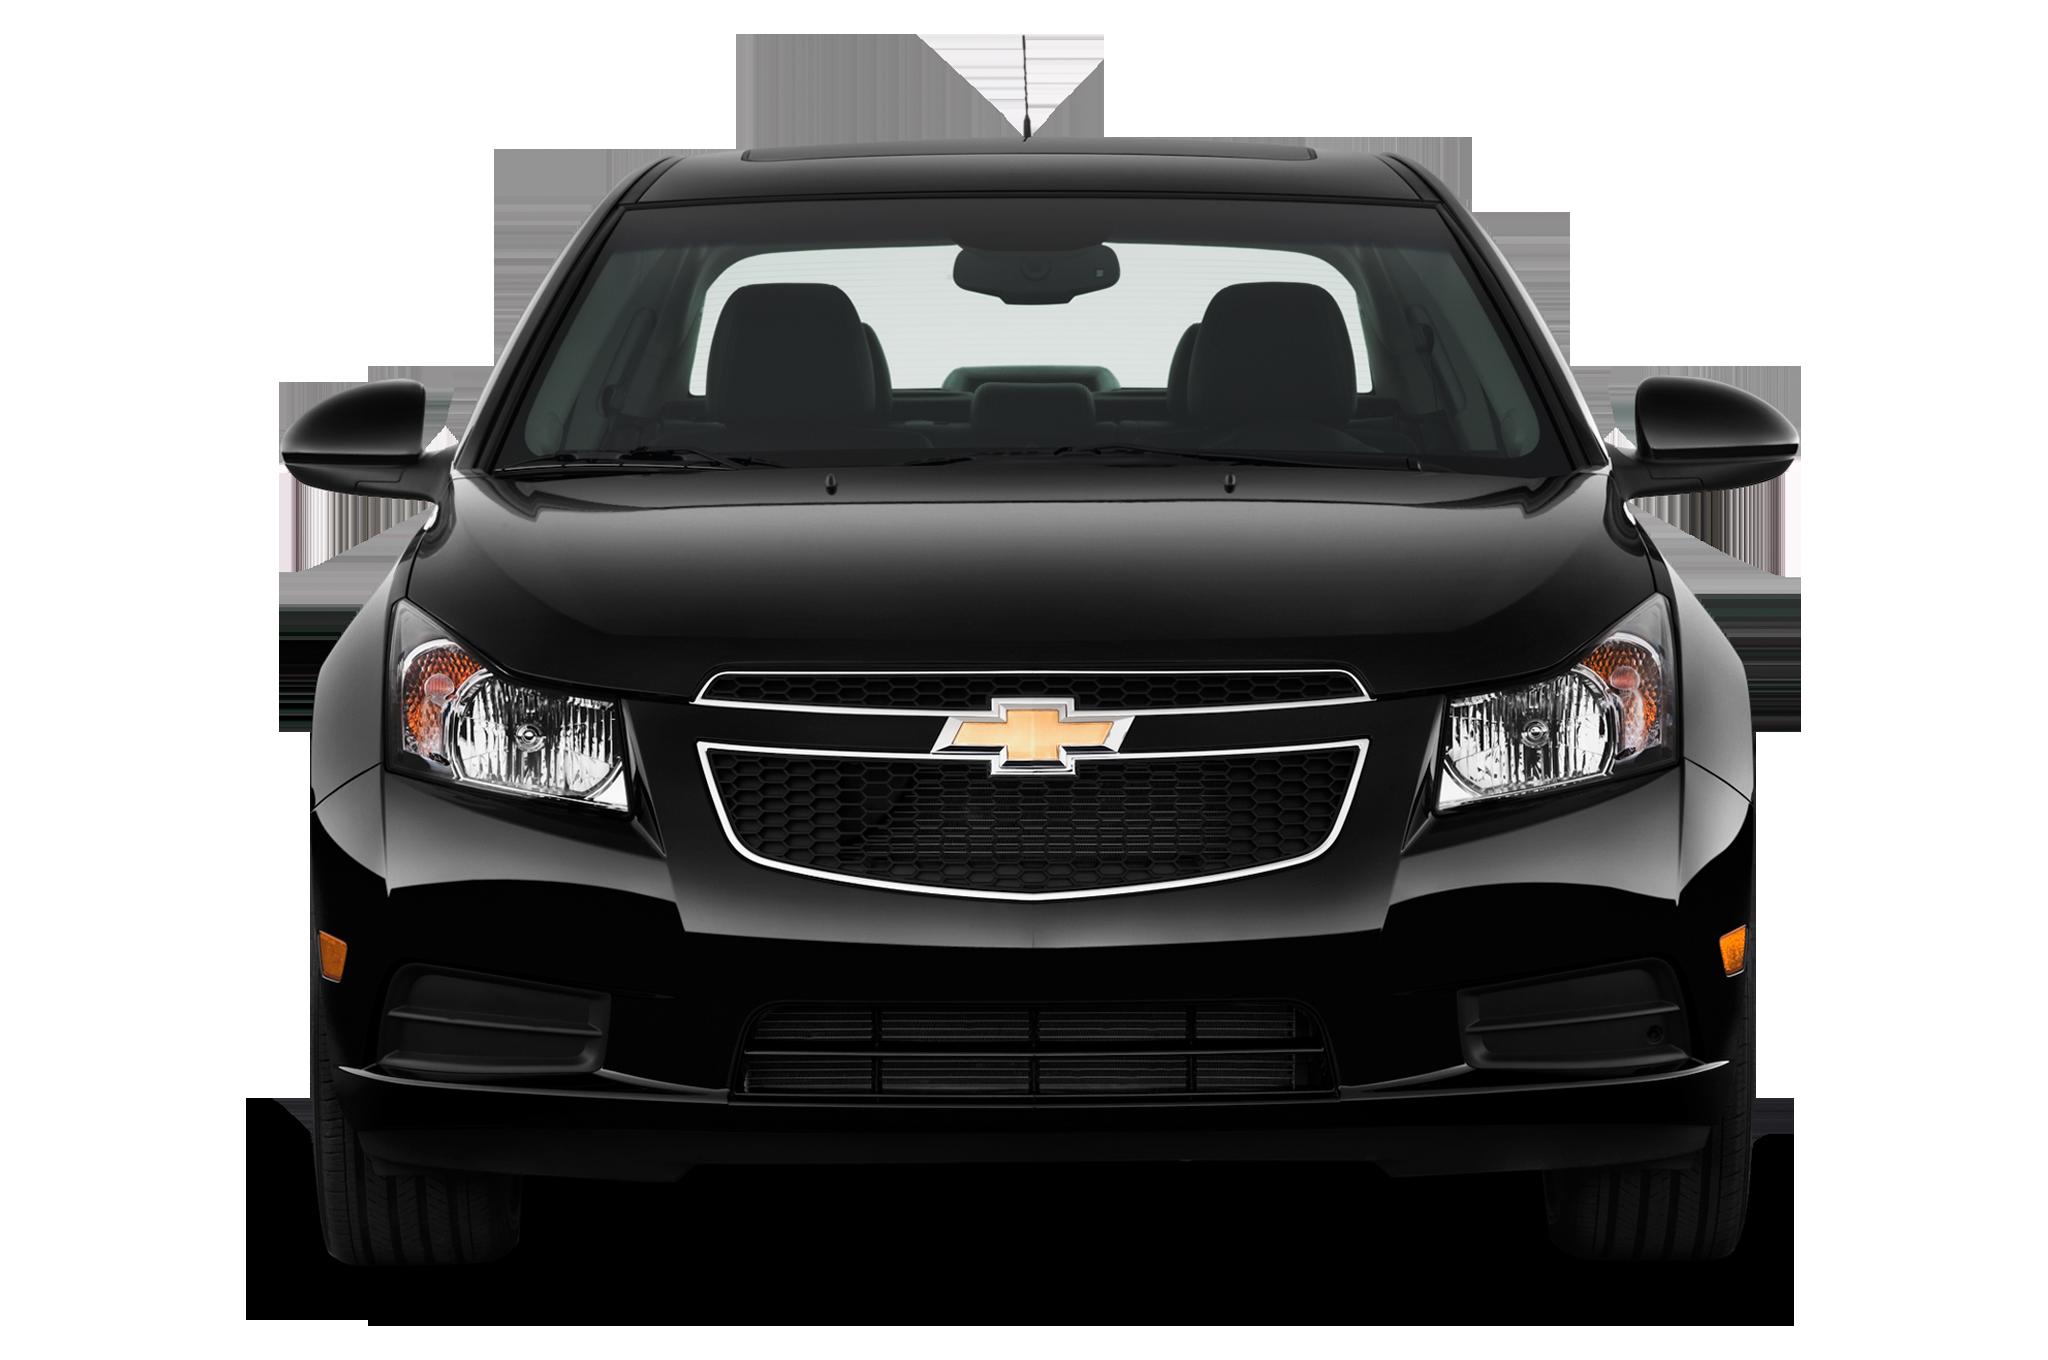 Chevrolet Cruze I 2009 - 2012 Hatchback 5 door #1